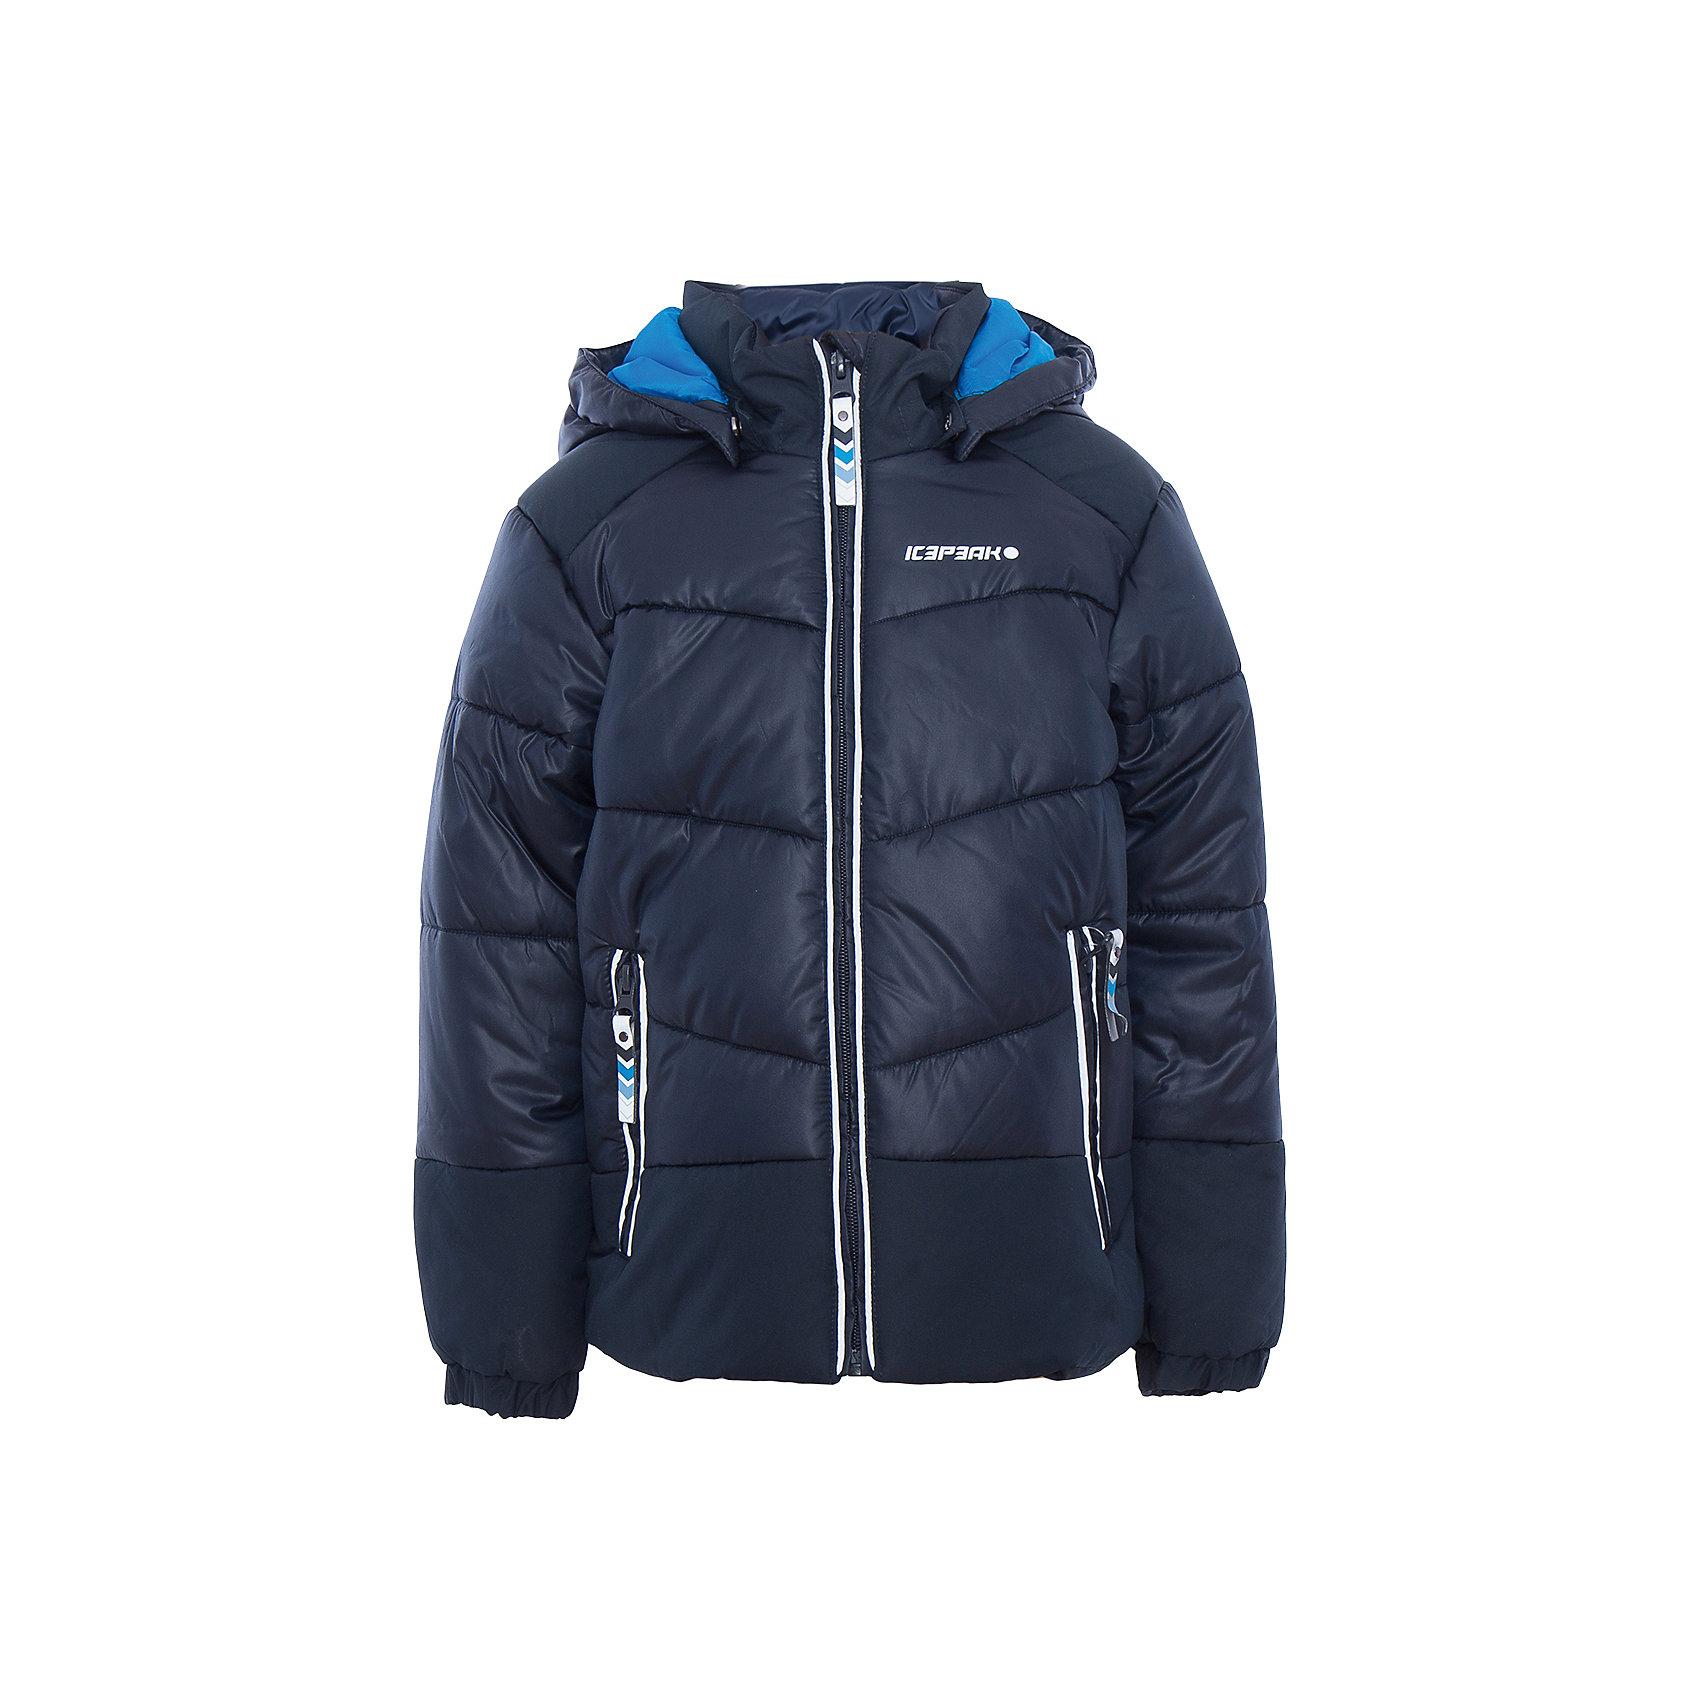 Куртка для мальчика ICEPEAKОдежда<br>Куртка для мальчика от известного бренда ICEPEAK.<br>Куртка с отстегивающимся капюшоном, капюшон с искусственным мехом, утяжка в нижней части куртки, утепленные и мягкие боковые карманы на молнии, на концах рукава эластичные резинки, светоотражающие элементы, искусственный утеплитель Finnwad, утепление 240/240 гр., рекомендуемый температурный режим до -20 град.<br>Технологии: Water repellent; Children's safety; Reflectors<br>Состав:<br>100% полиэстер<br><br>Ширина мм: 356<br>Глубина мм: 10<br>Высота мм: 245<br>Вес г: 519<br>Цвет: синий<br>Возраст от месяцев: 18<br>Возраст до месяцев: 24<br>Пол: Мужской<br>Возраст: Детский<br>Размер: 92,104,98,122,116,110<br>SKU: 5413882